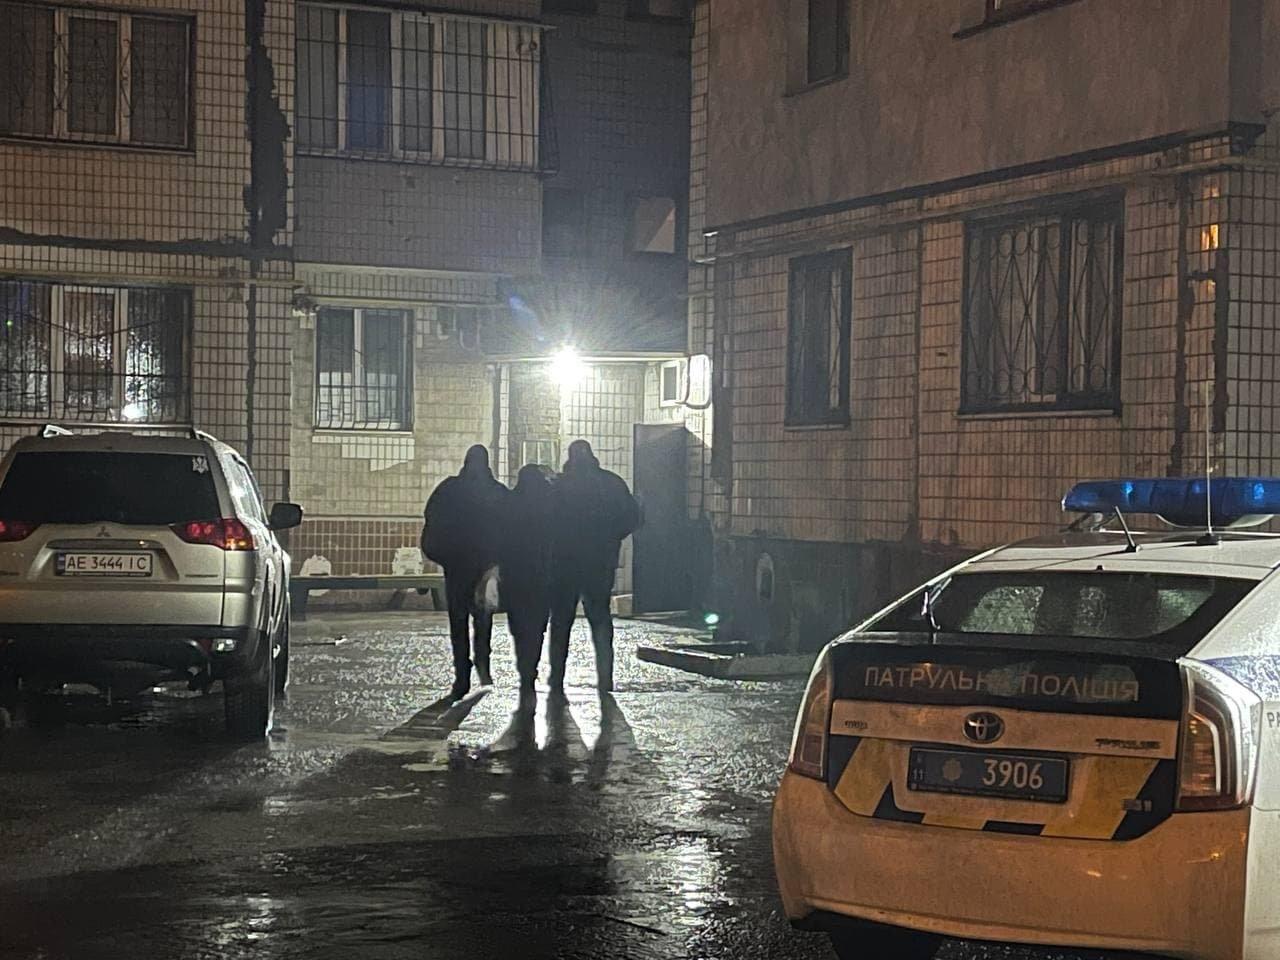 Криворожанин грозился взорвать гранату в квартире. Жена вызвала полицию, - ФОТО, фото-4